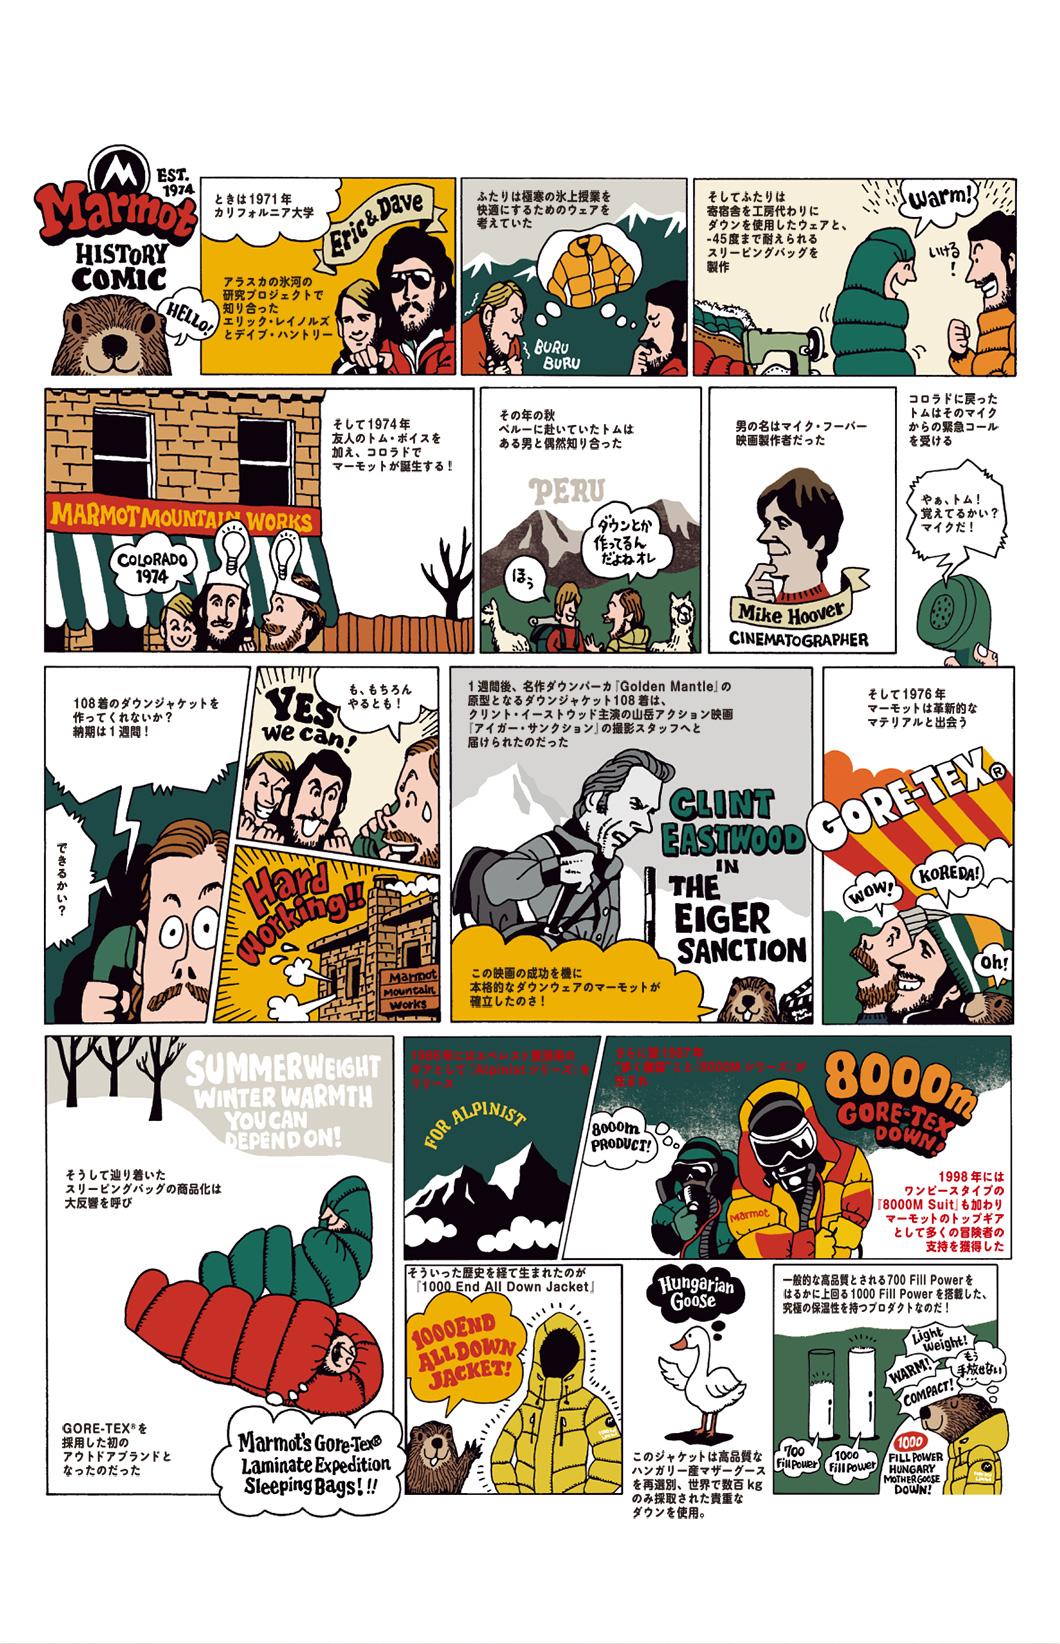 マーモットヒストリーコミック